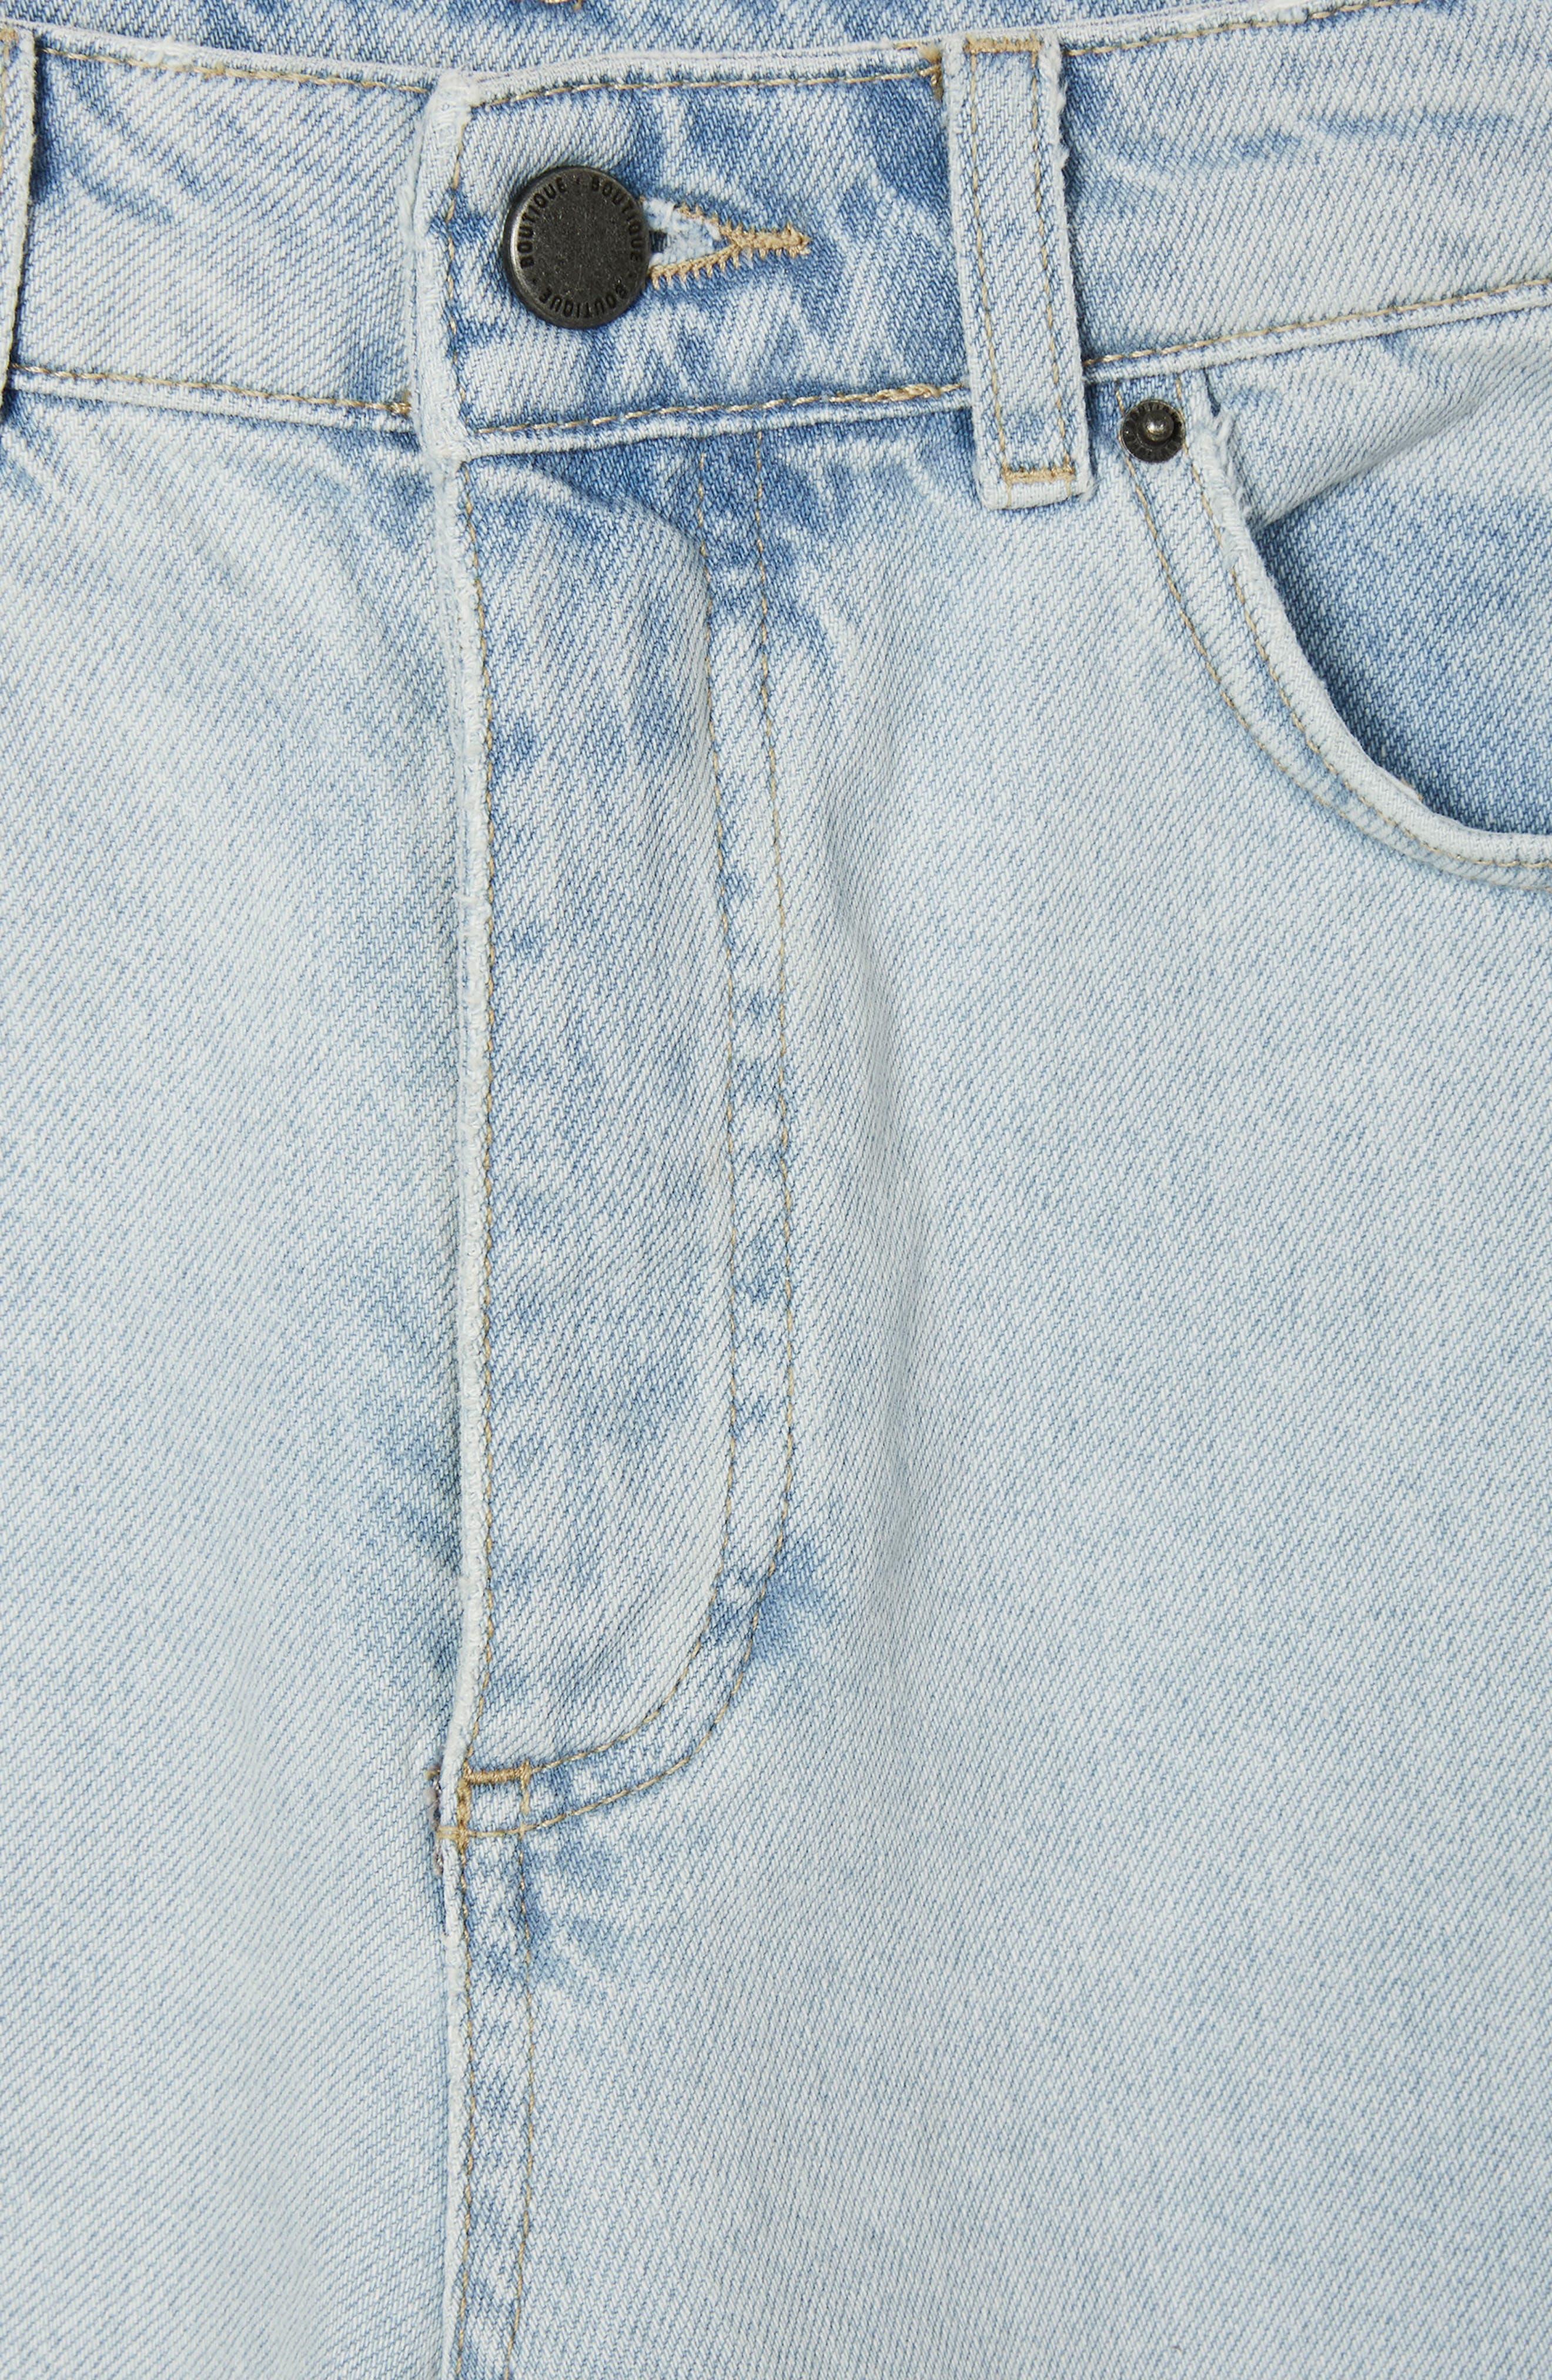 Boutique Bleach Denim Jeans,                             Alternate thumbnail 4, color,